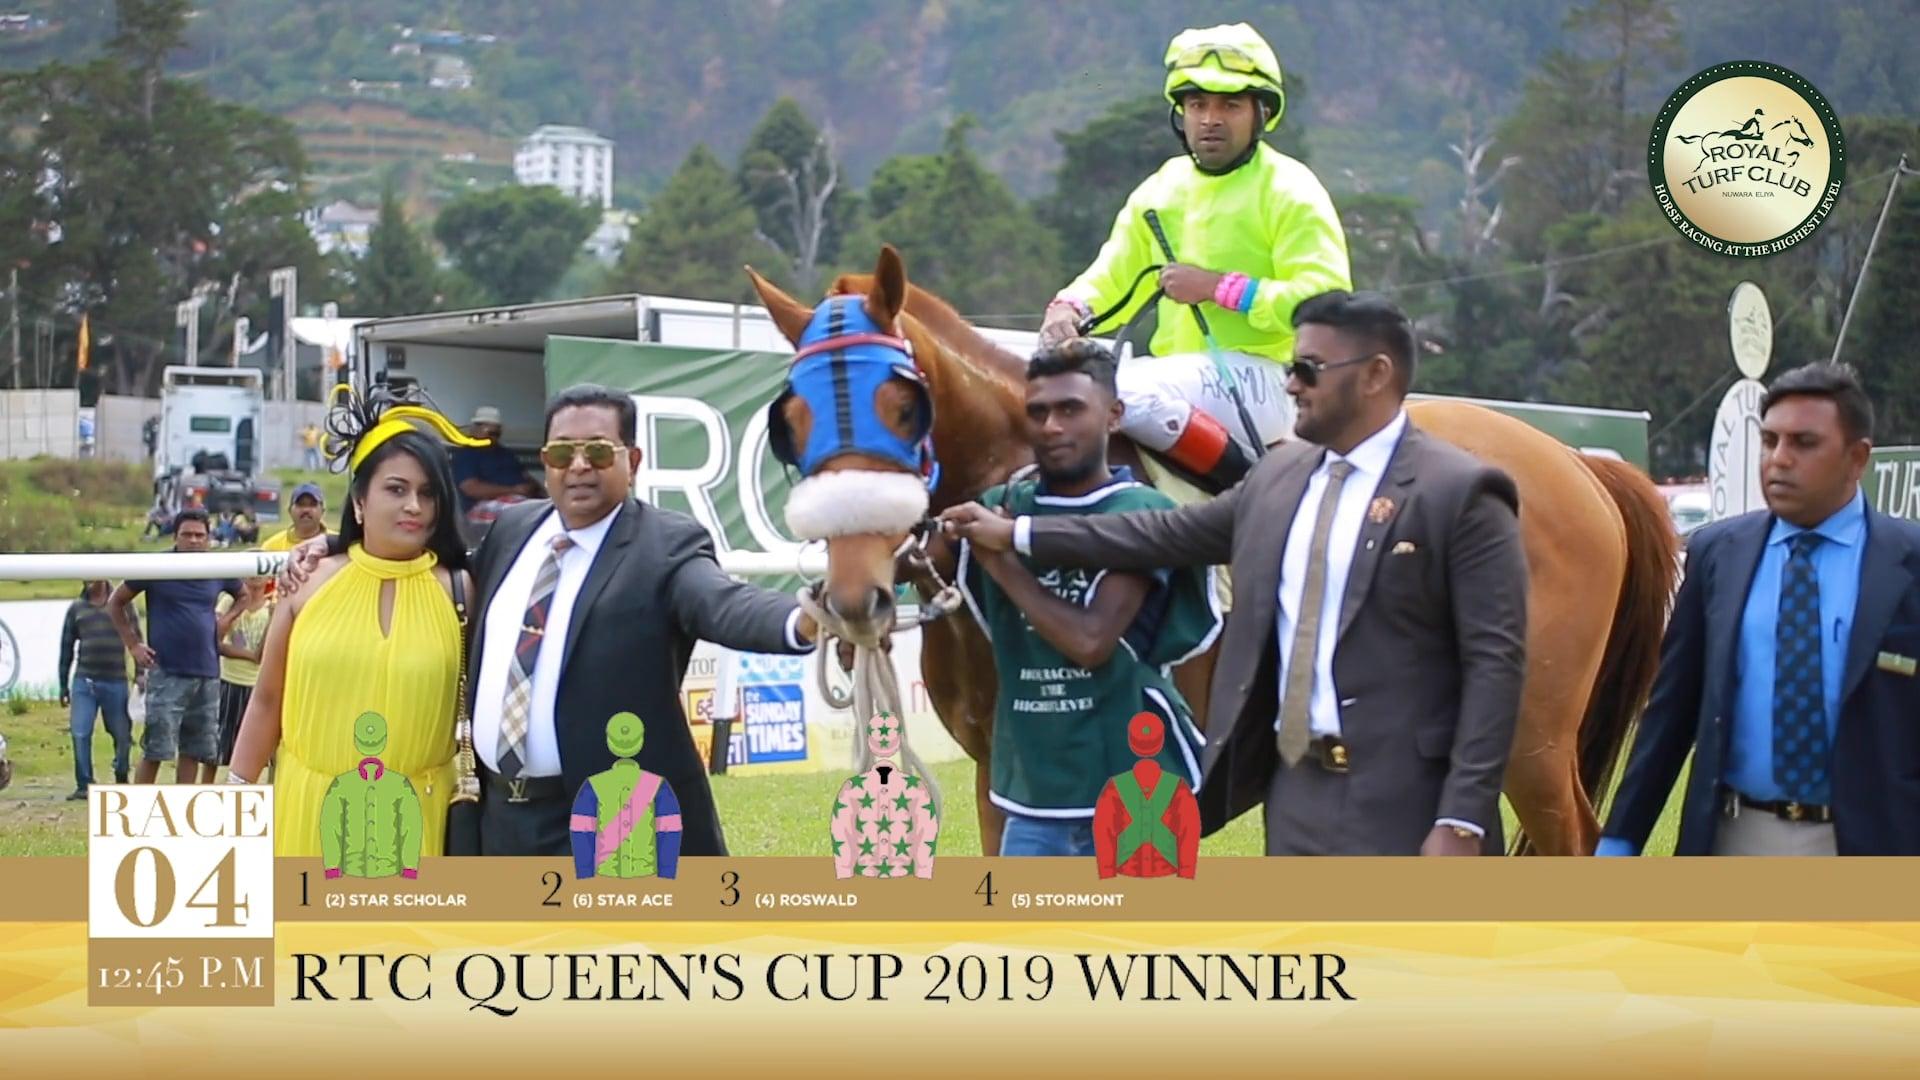 RTC Queen's Cup 2019